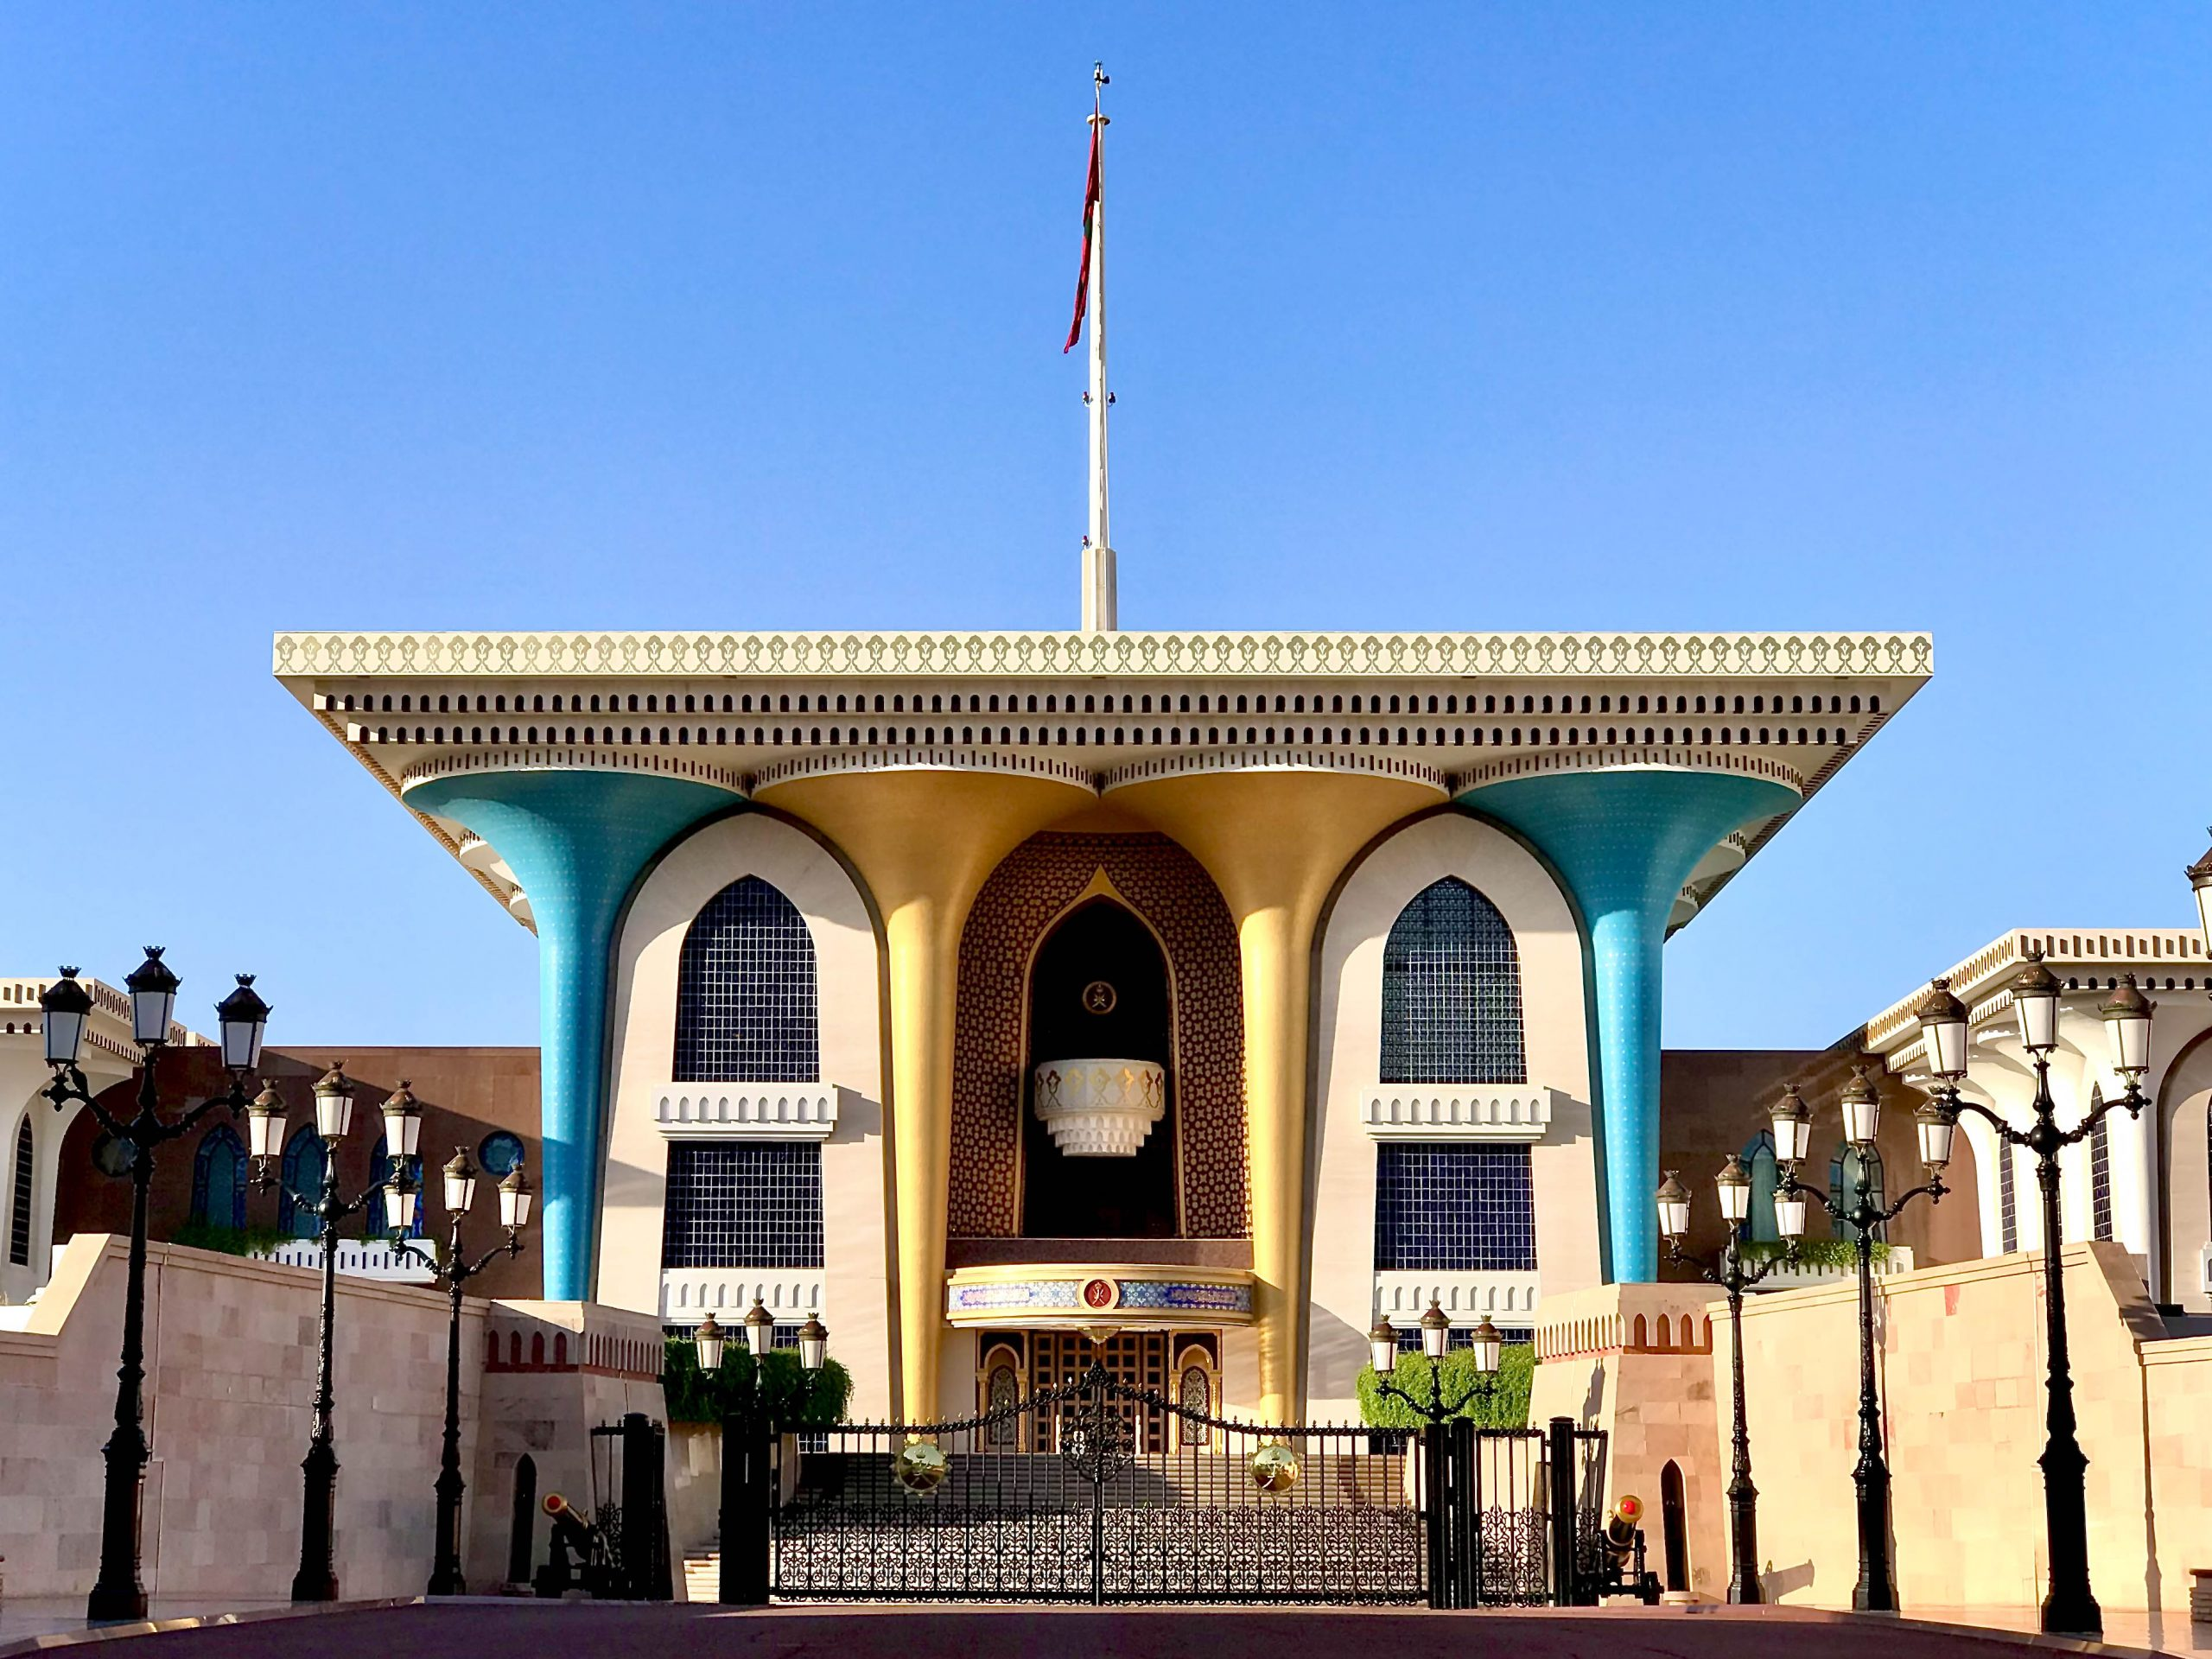 Viaggio in Oman: 10 cose da sapere prima di partire